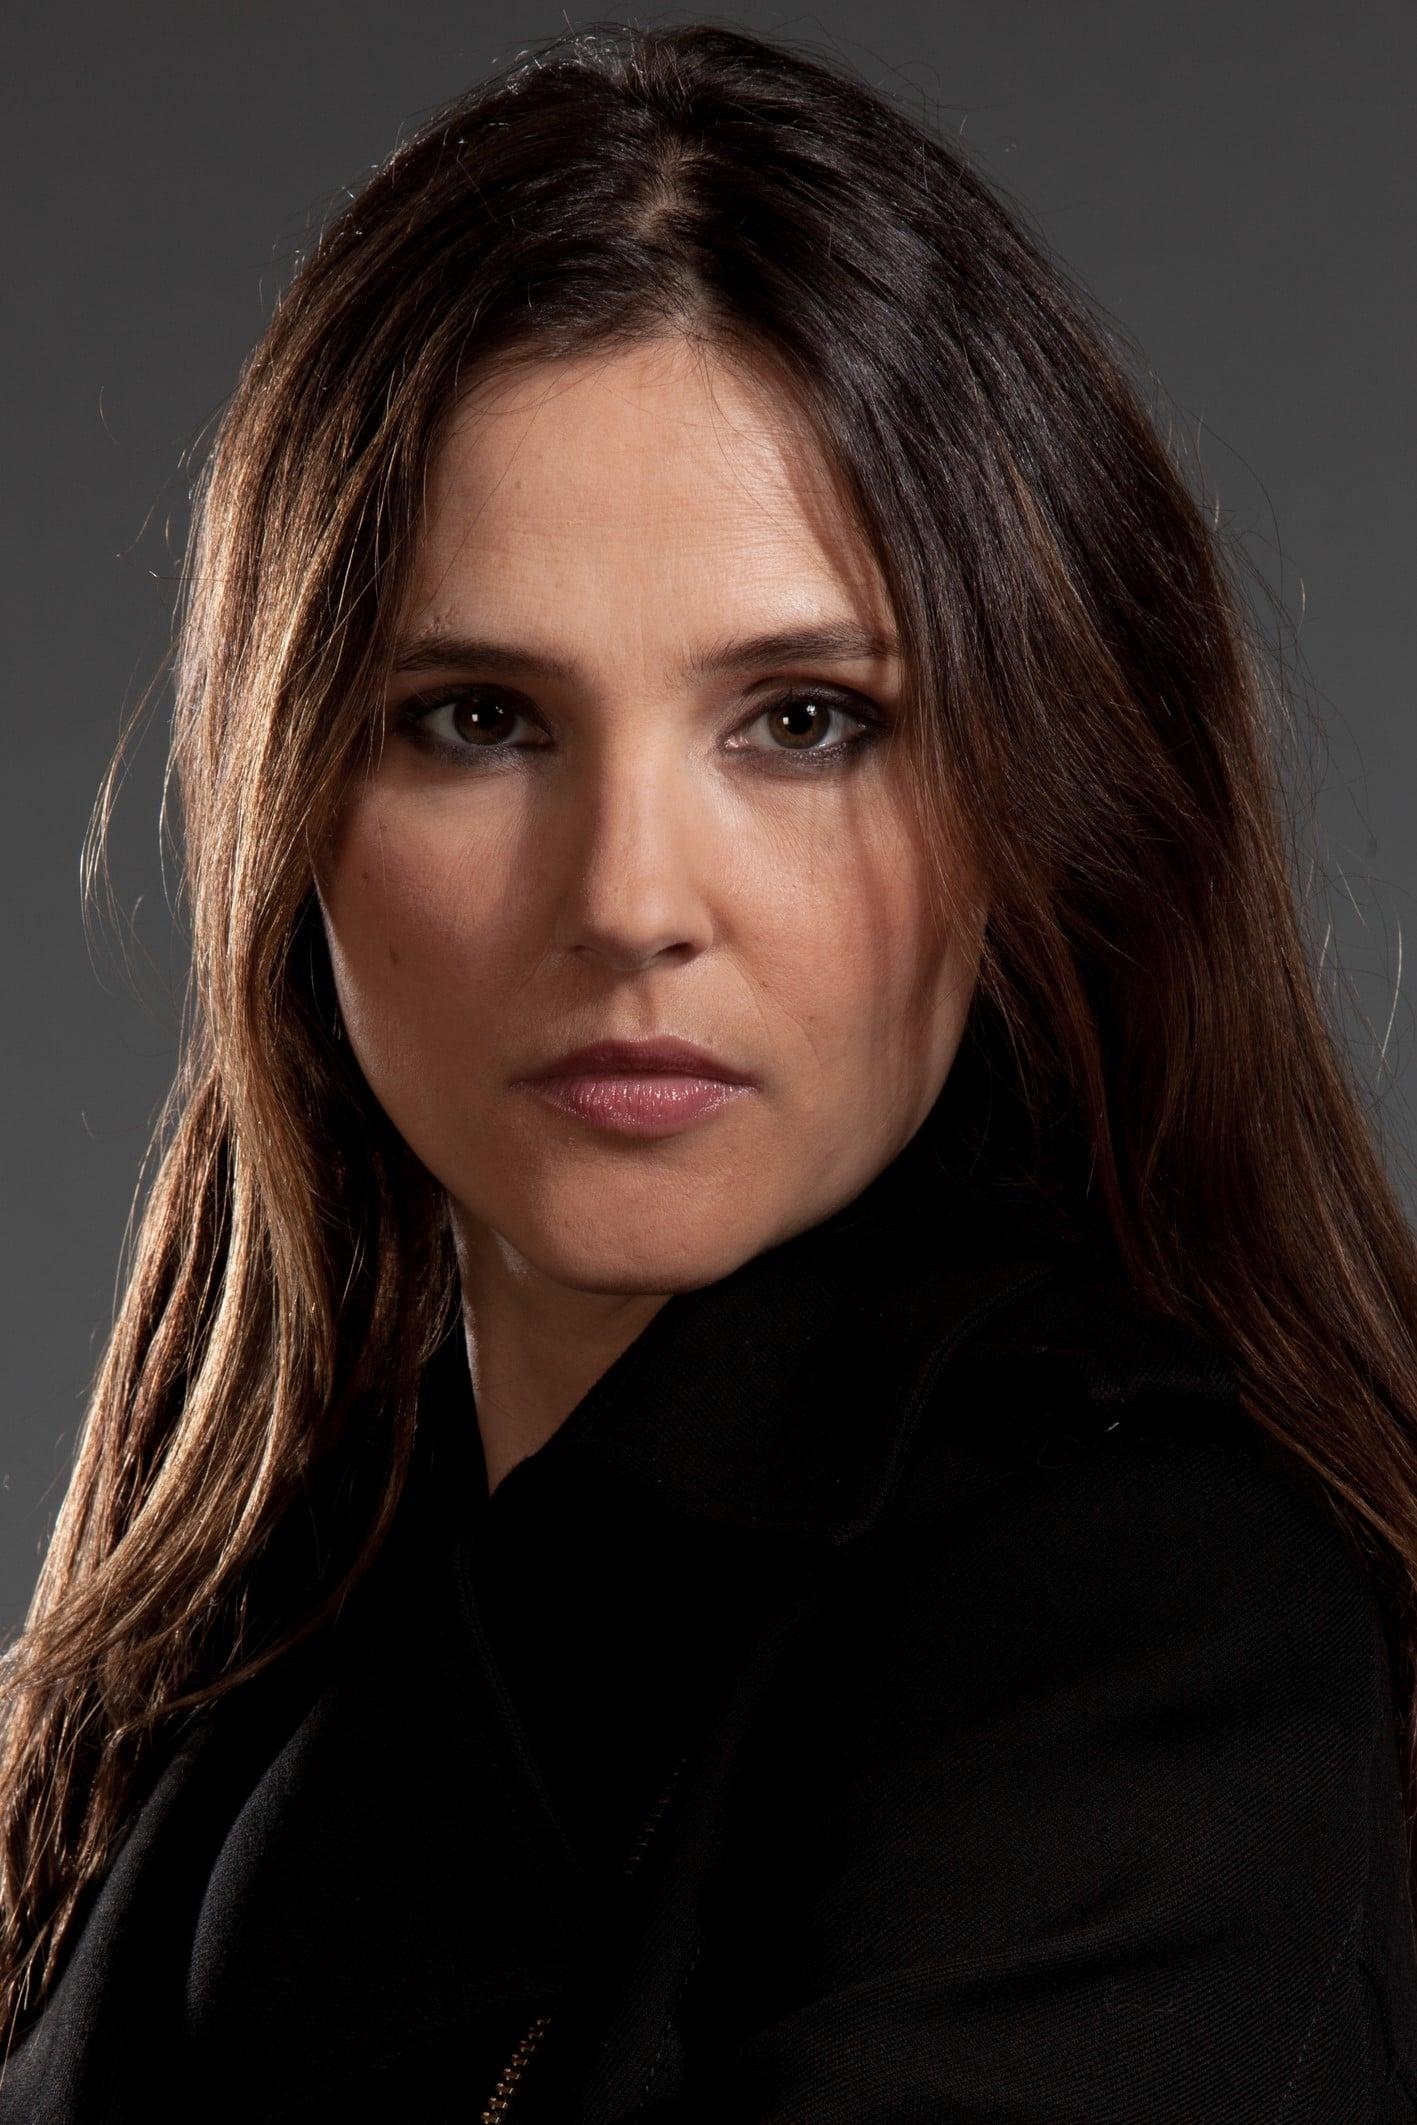 Virginie Ledoyen - Profile Images — The Movie Database (TMDb)